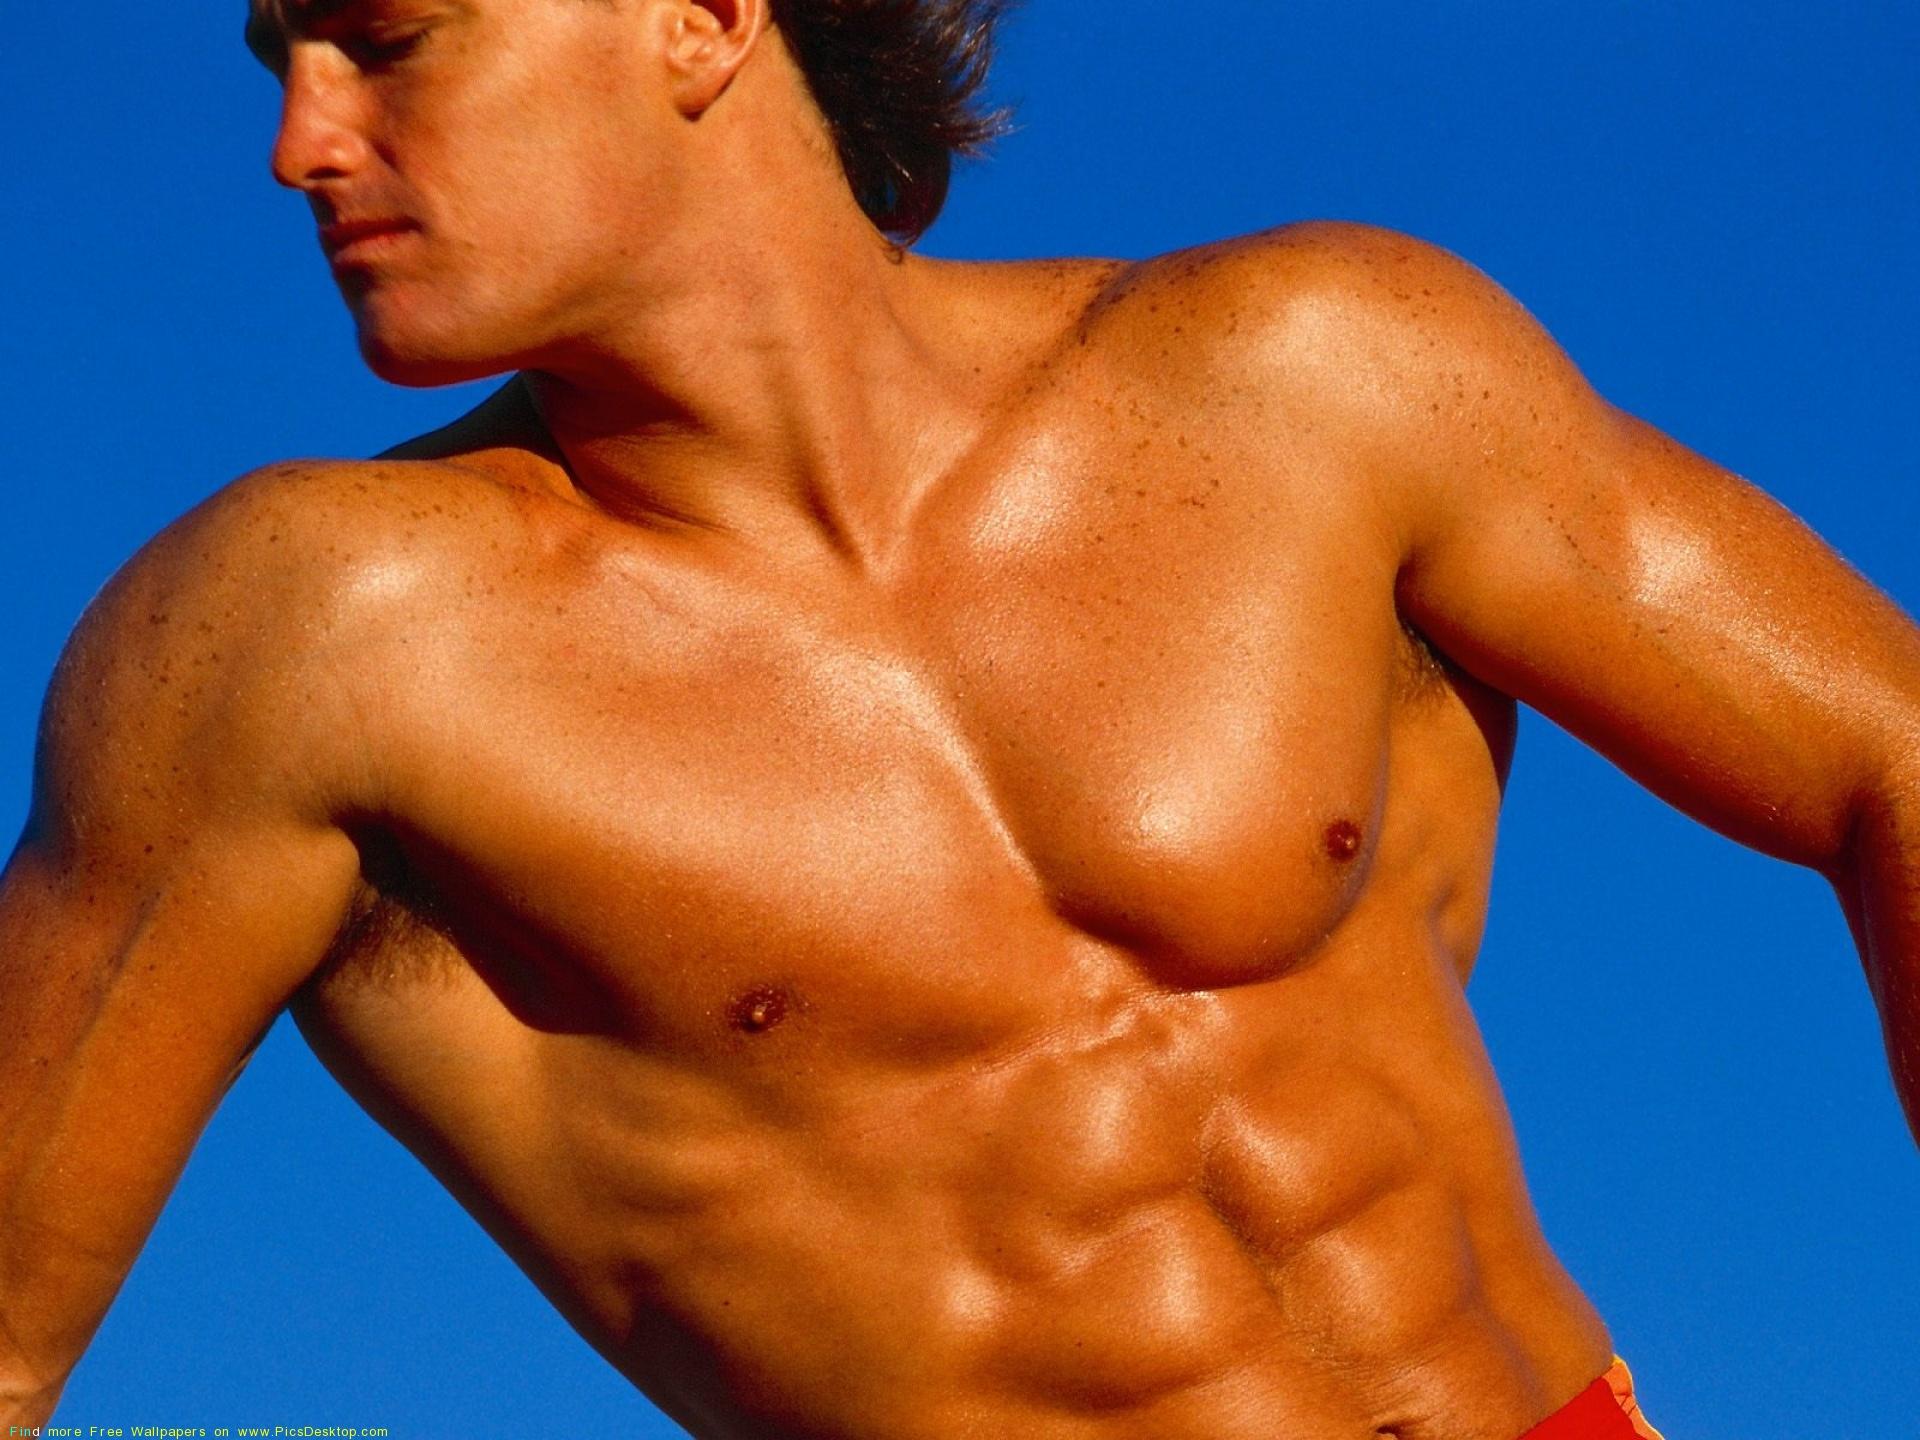 Фото одного и того же мускулистого парня 24 фотография